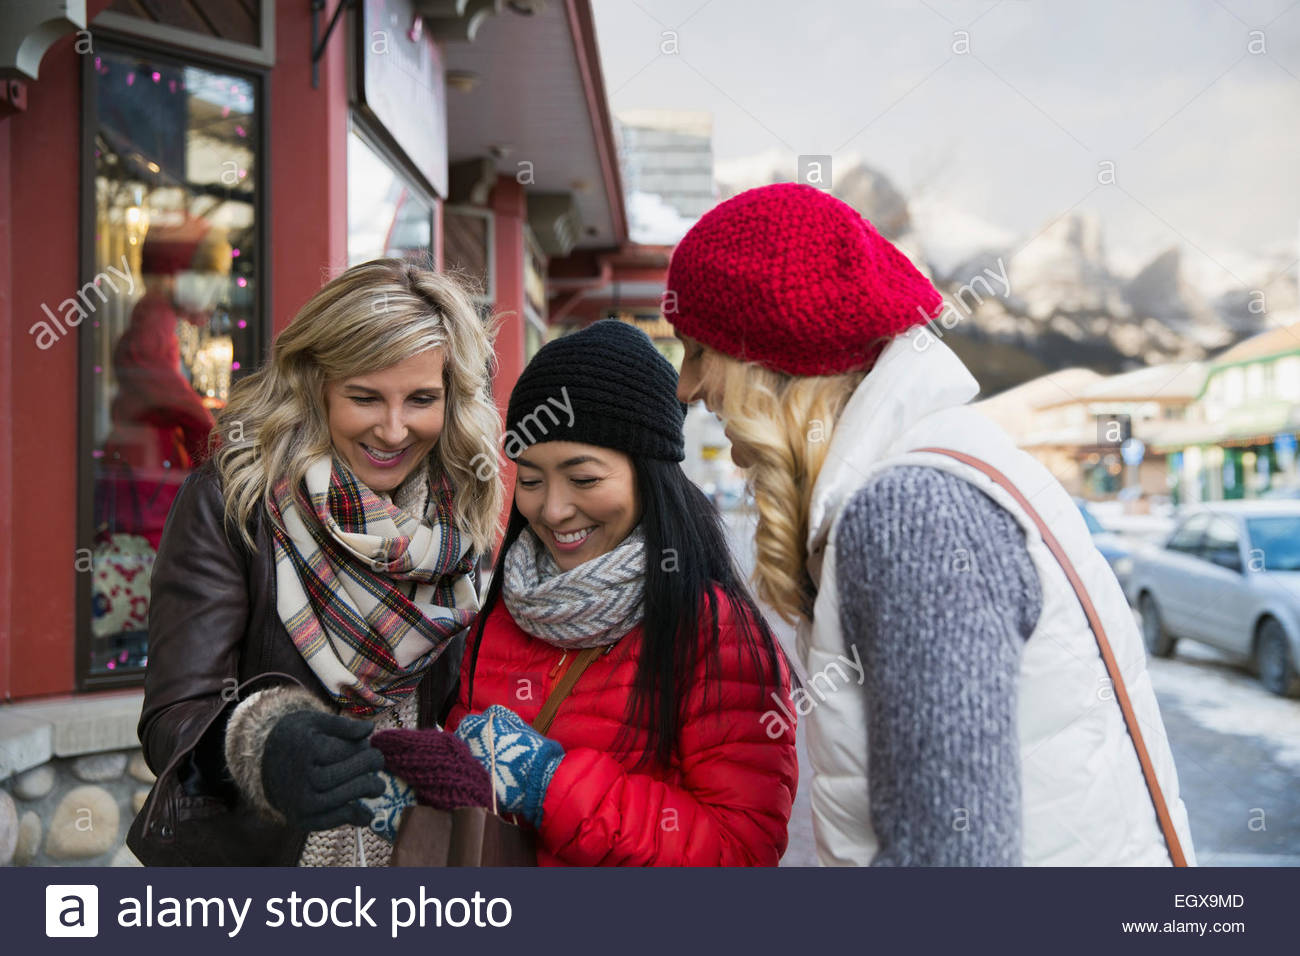 Frauen in warme Kleidung betrachten Schal Stockbild